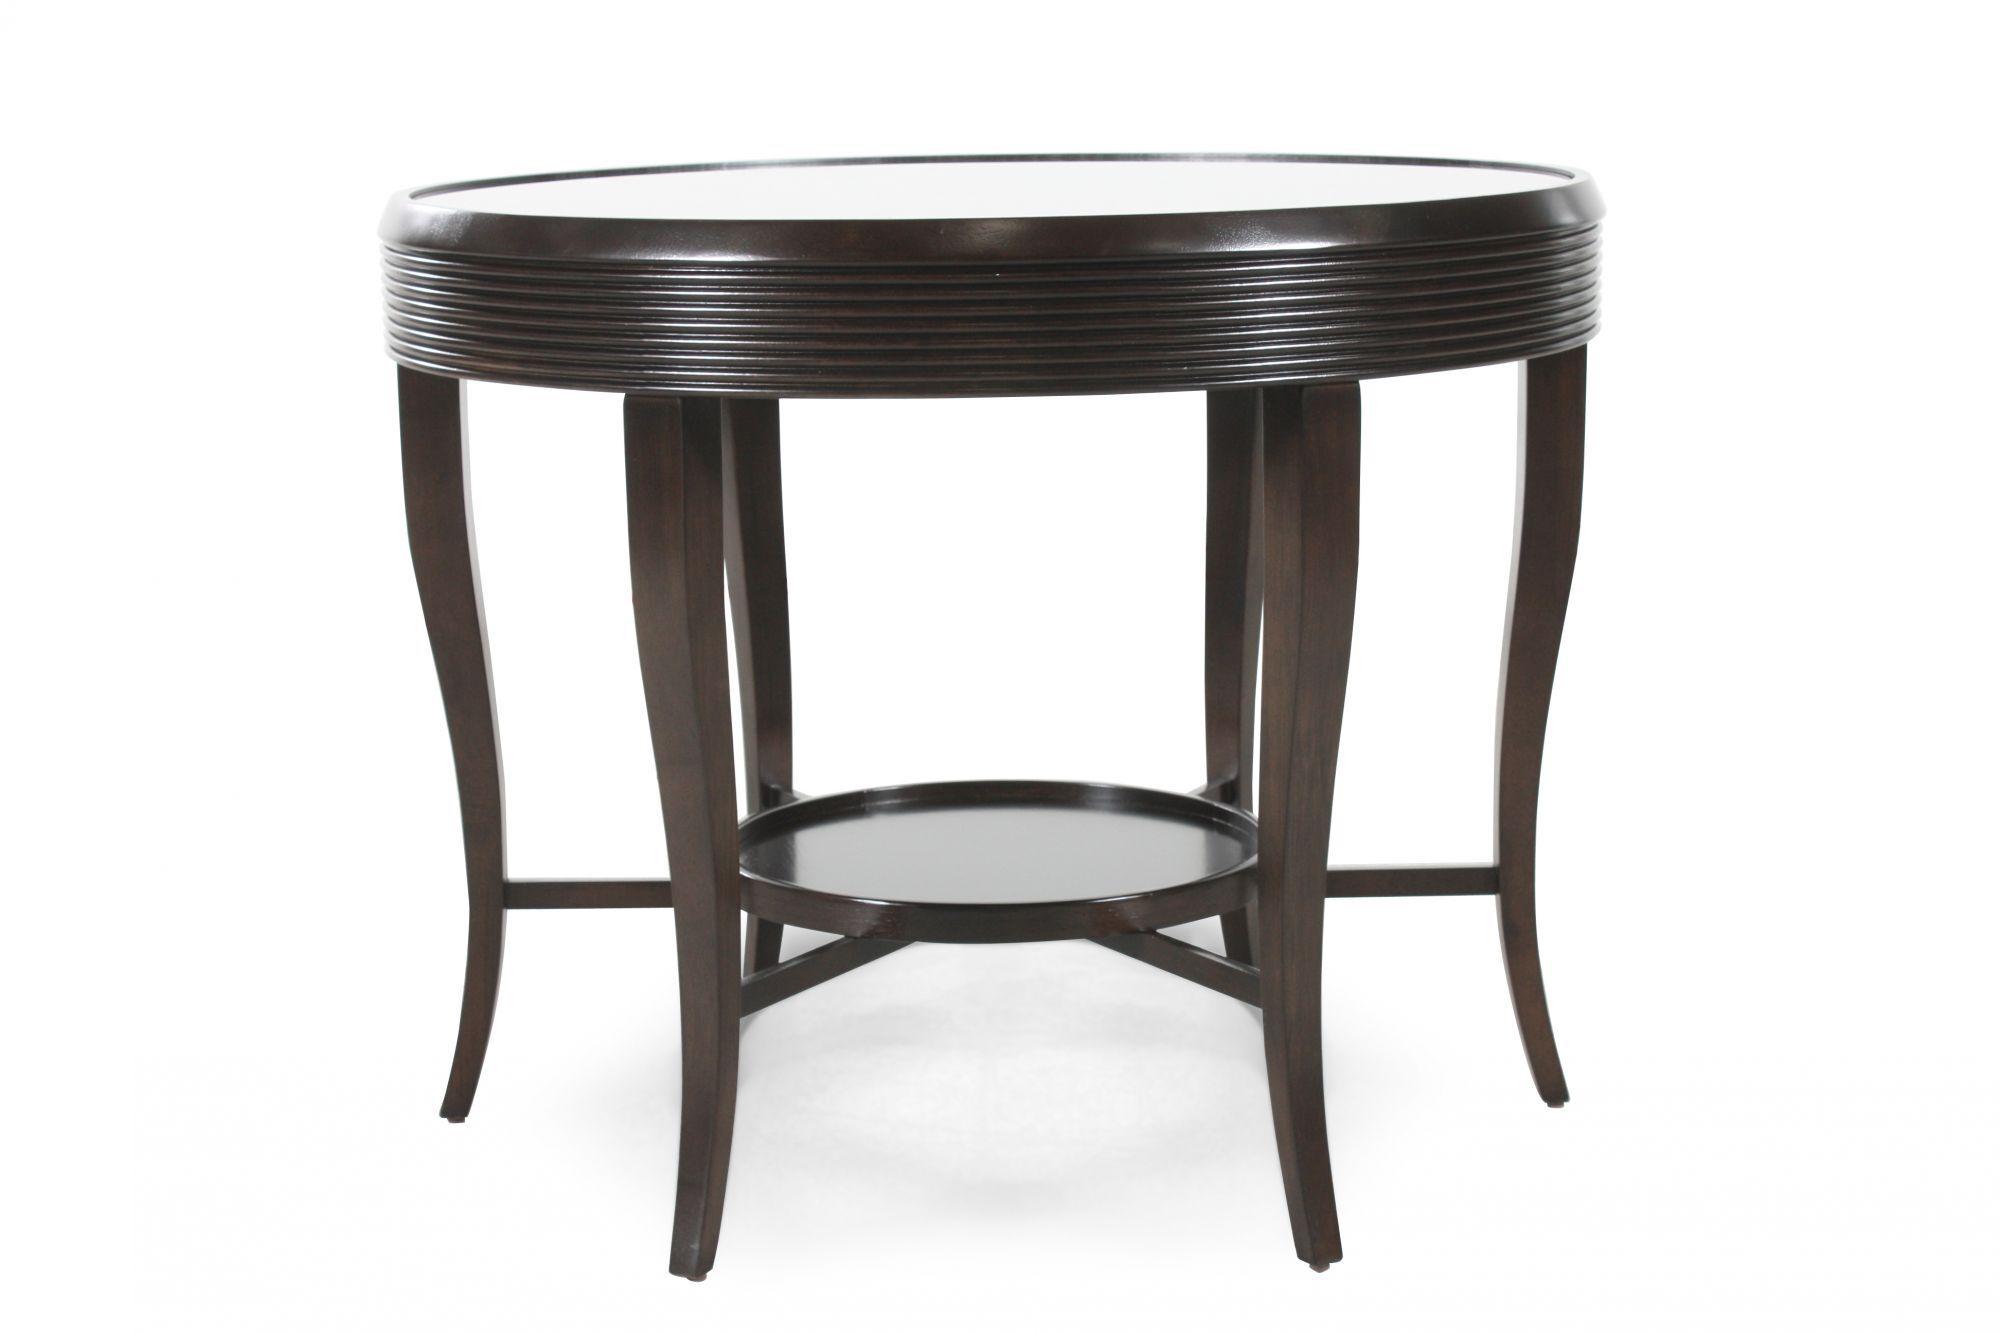 Images Round Contemporary Center Tableu0026nbsp;in Dark Walnut Round Contemporary  Center Tableu0026nbsp;in Dark Walnut